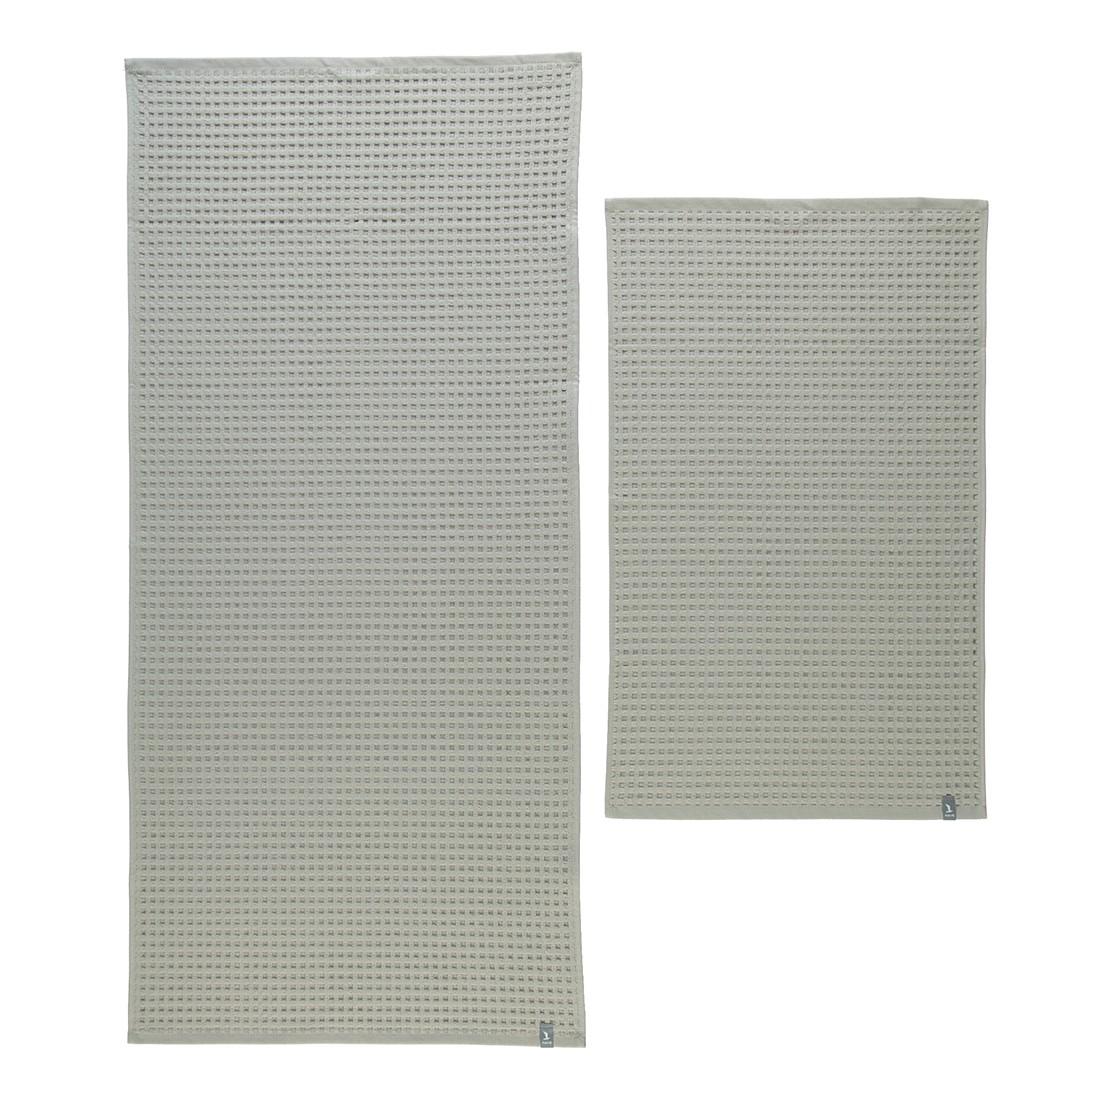 Handtücher Piquée – Baumwolle – Cashmere – Gästetuch 40×70 cm, Möve günstig bestellen